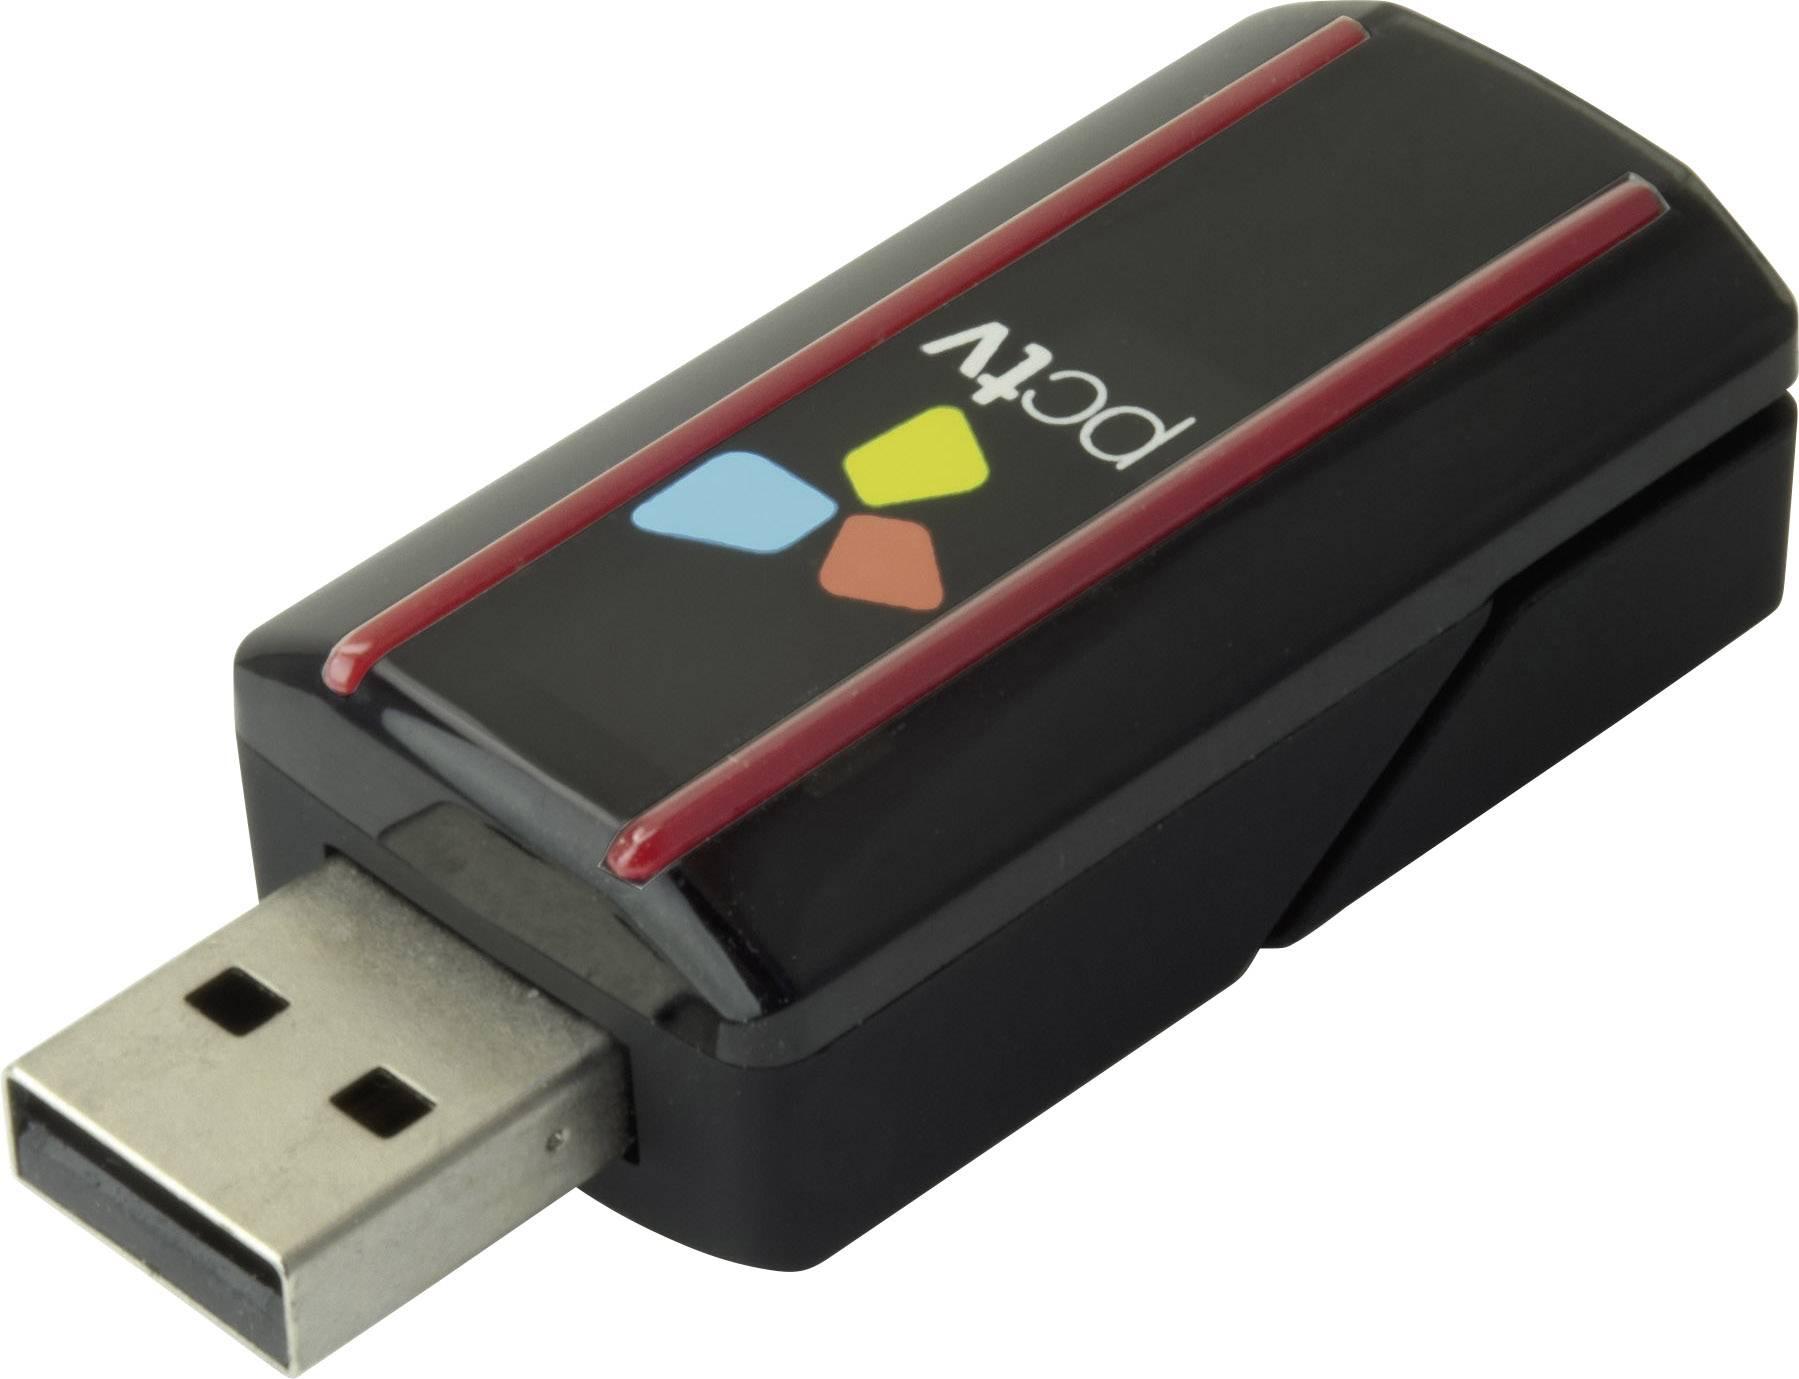 USB TV tuner DVB-T PCTV Systems Triple Stick funkcia záznamu, s diaľkovým ovládaním, s DVB-T anténou